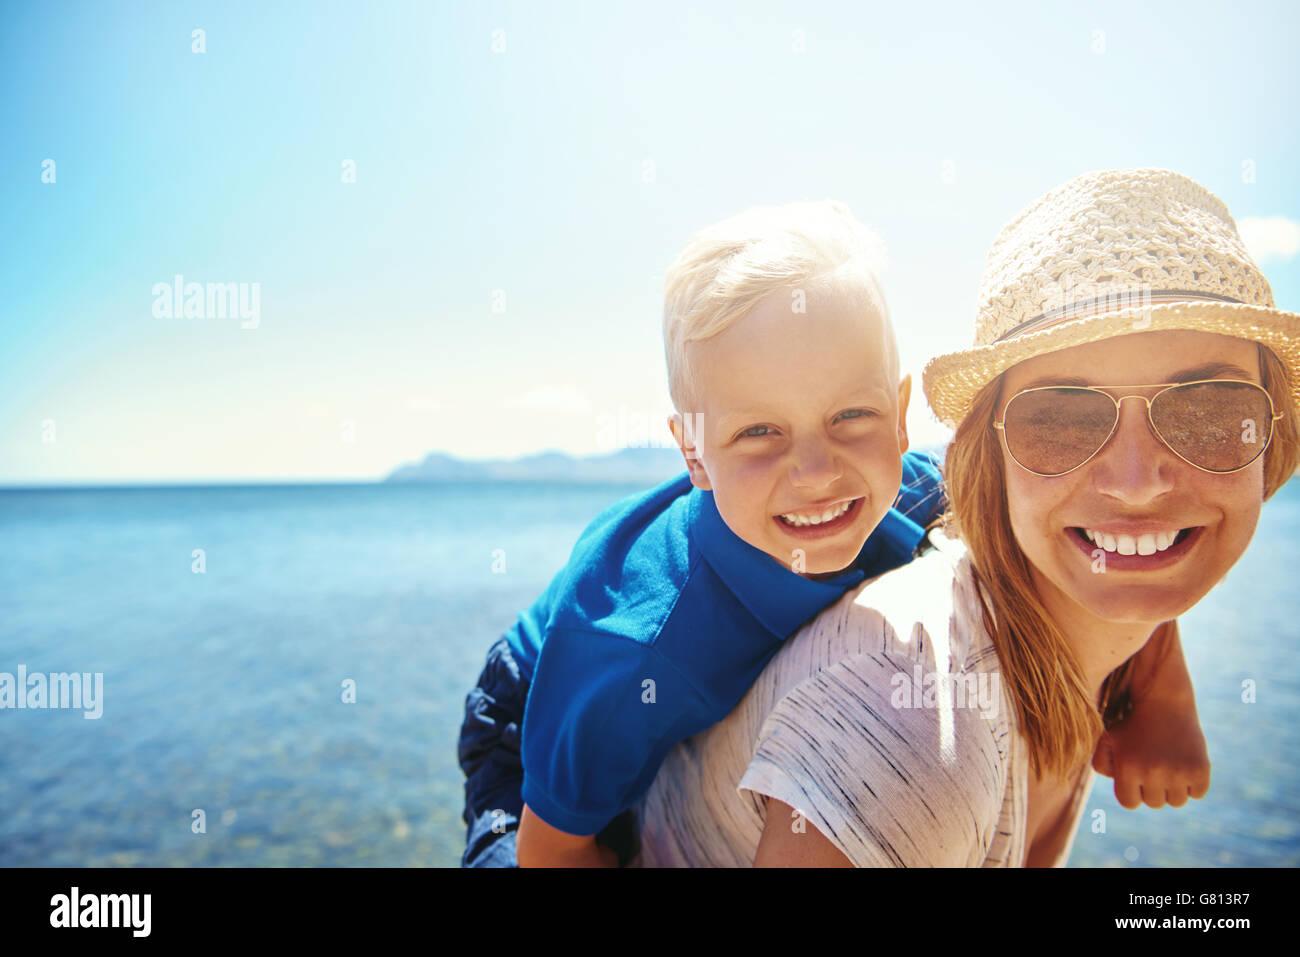 Happy little boy ottenendo un piggy back ride dal suo attraente madre sorridente nel cappello e occhiali da sole Immagini Stock